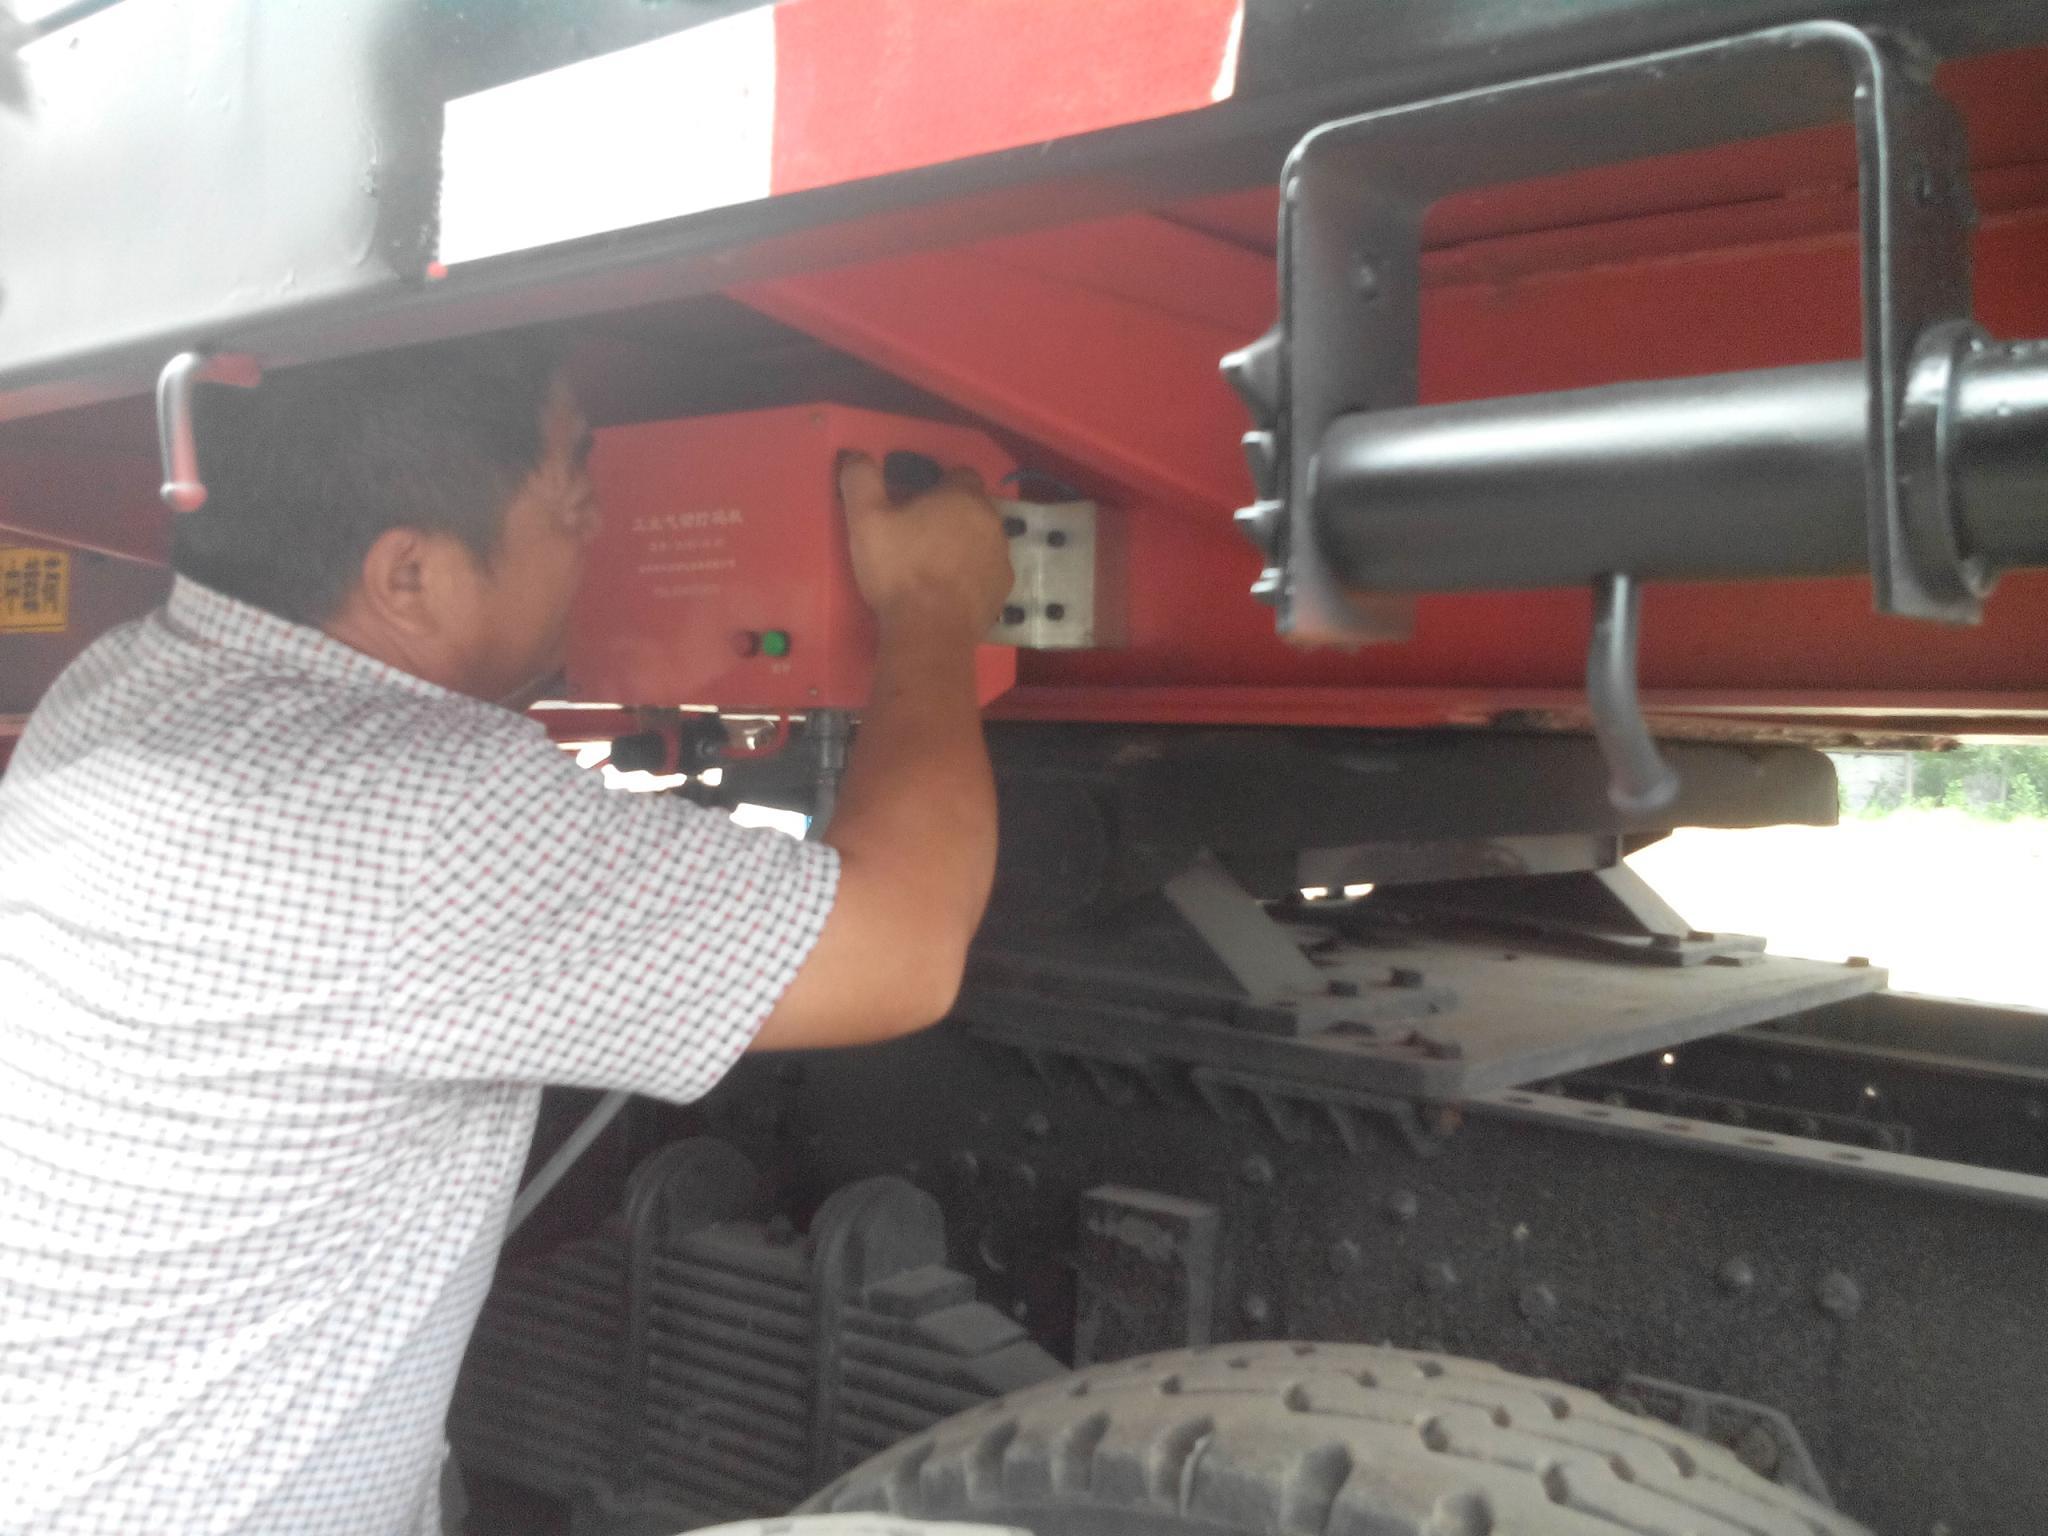 PC una marca de neumáticos de automóviles, motores neumáticos portátiles marco especial de código máquina